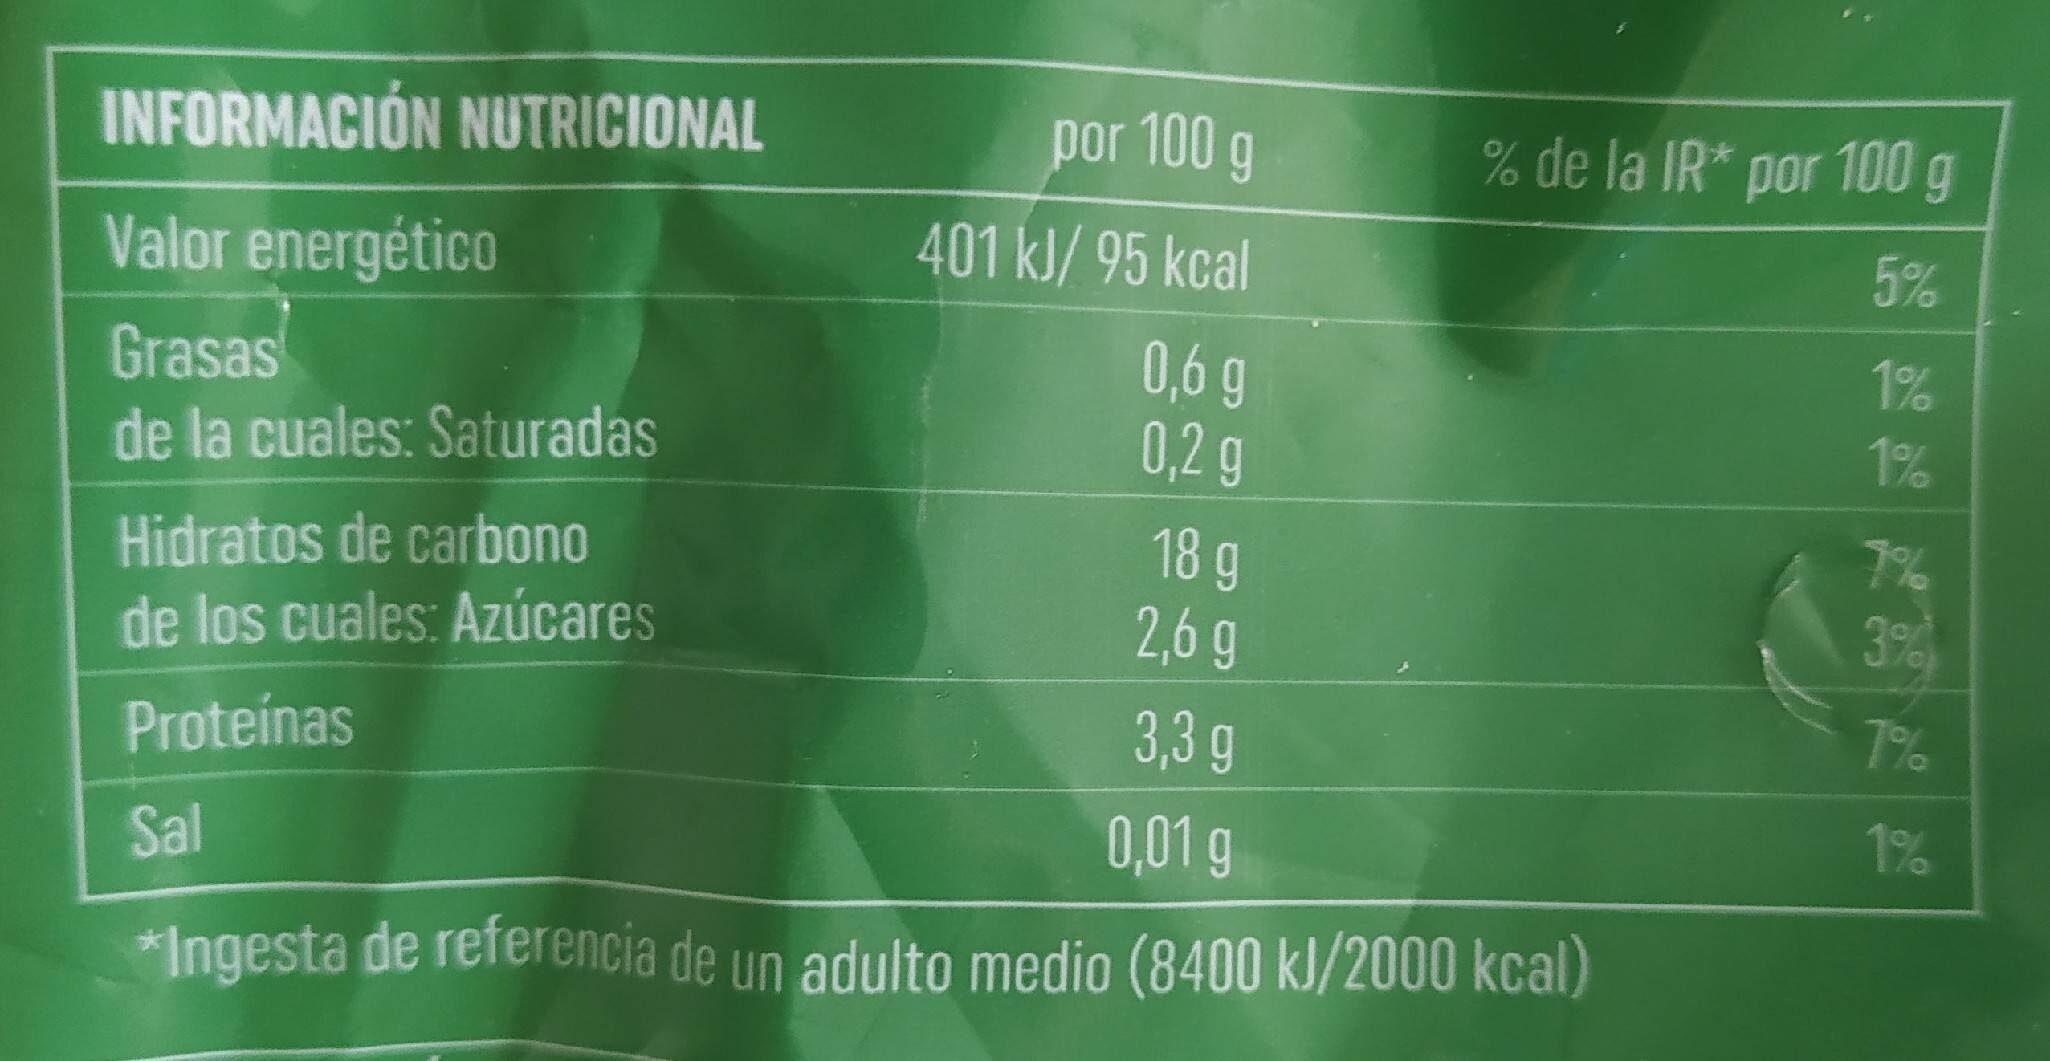 Ensaladilla de arroz - Informations nutritionnelles - es